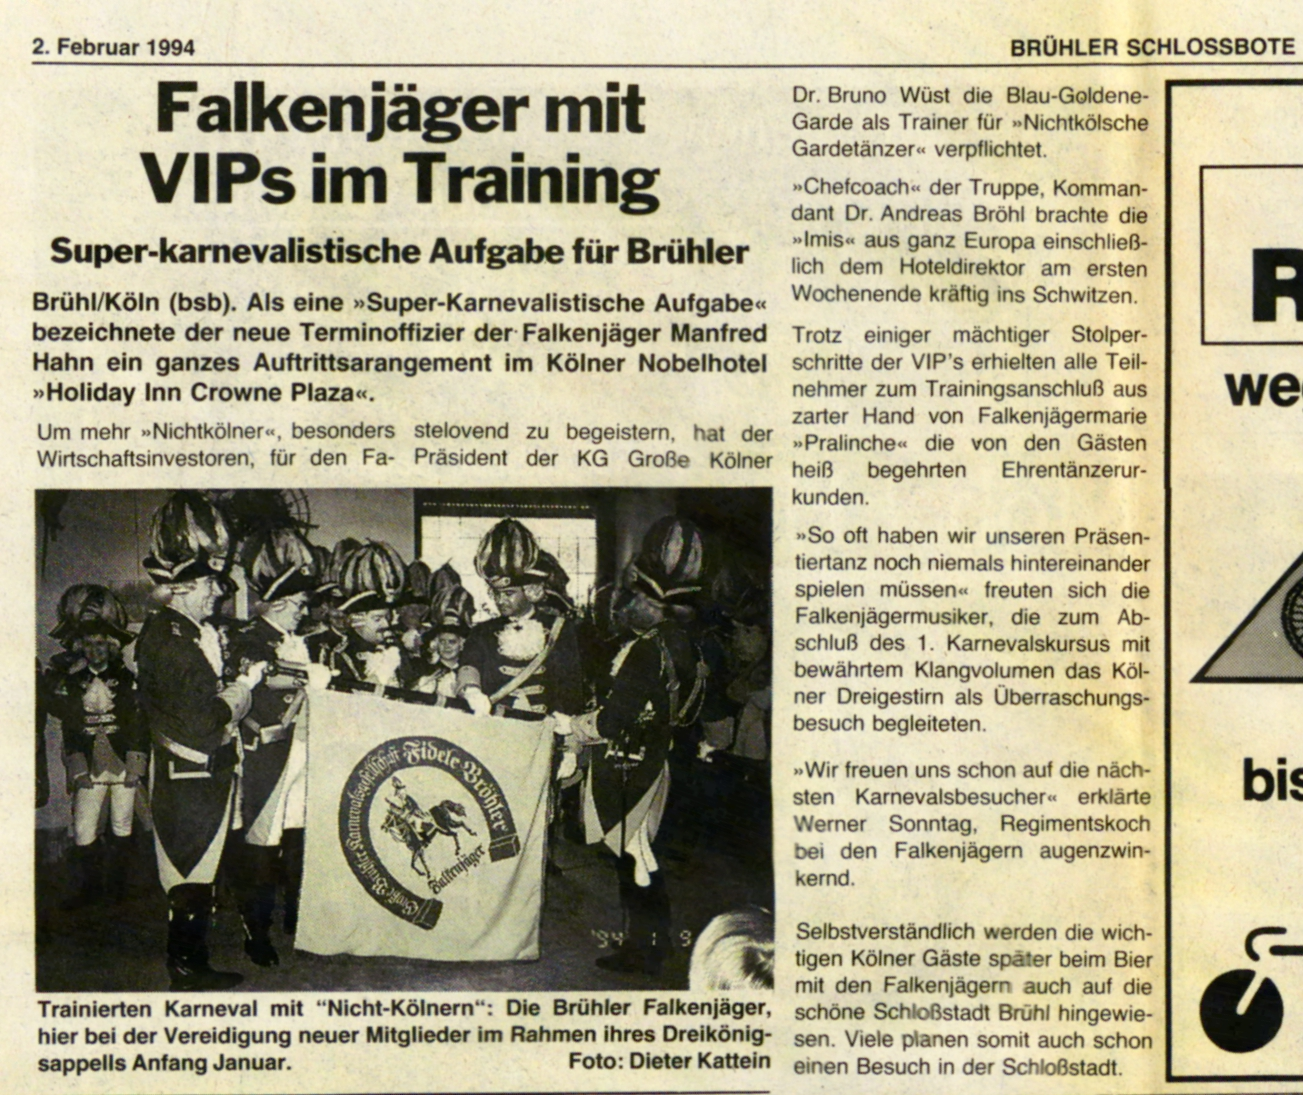 02.02.1994FalkenjgermitVIPSimTraining.jpg